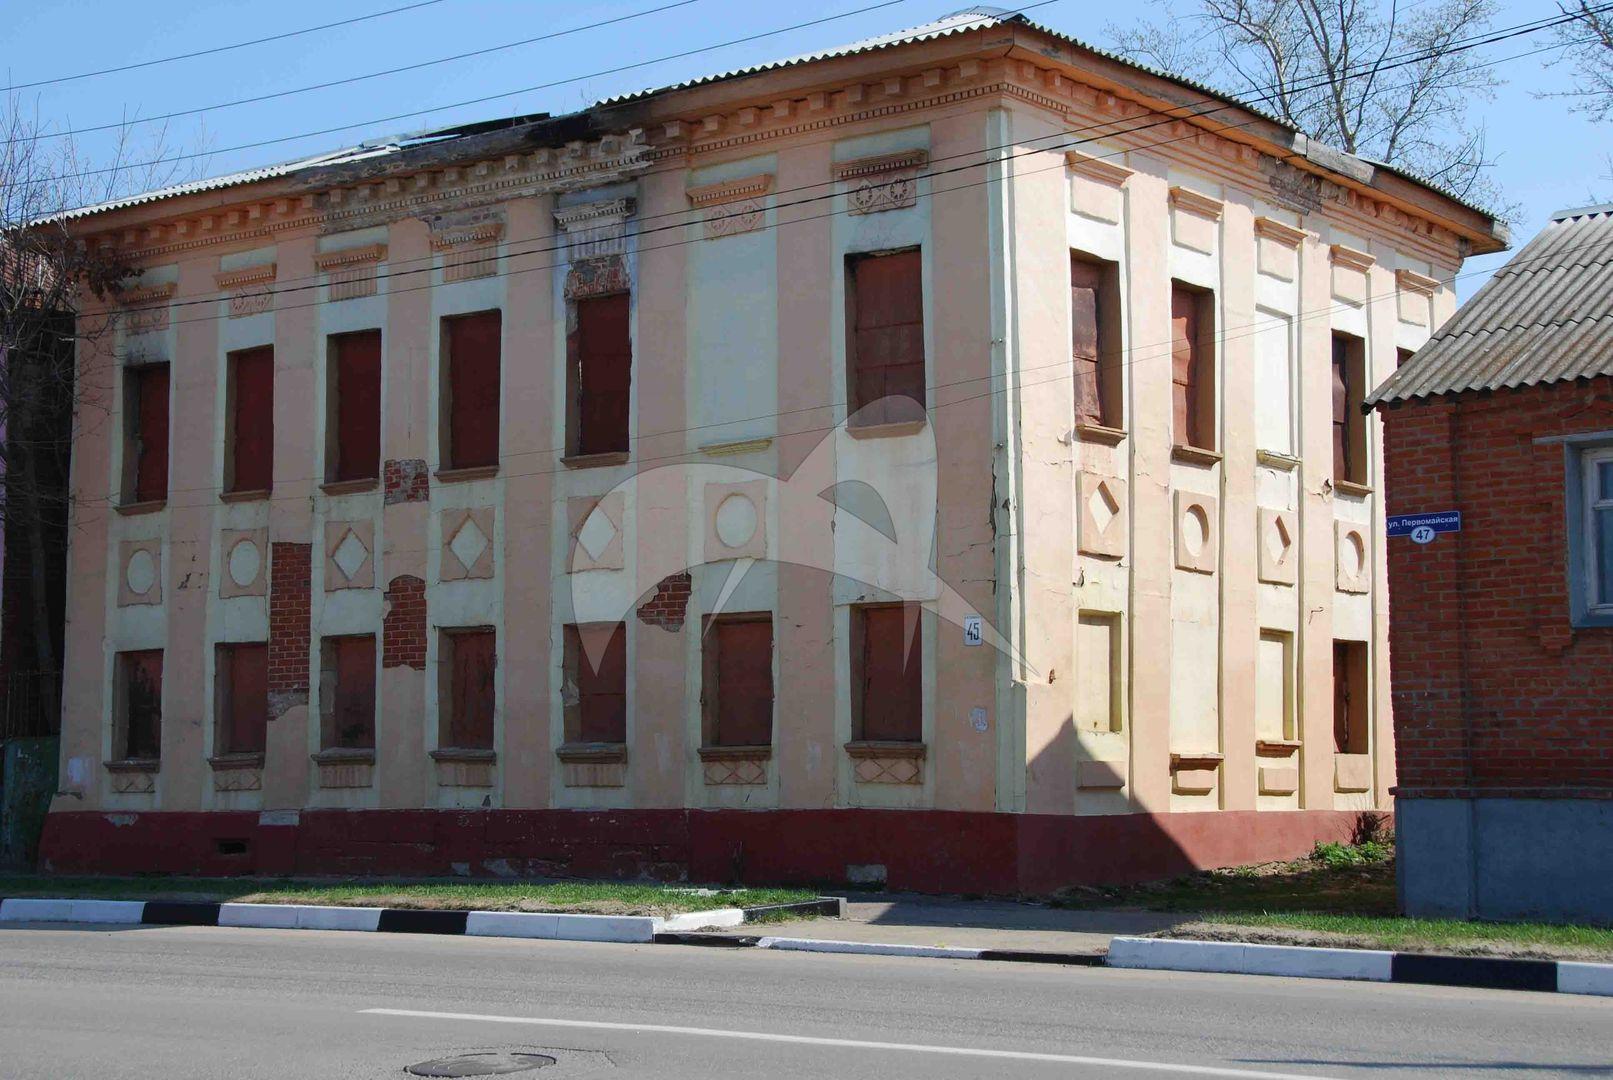 Дом жилой Локтева, 1800-е гг.